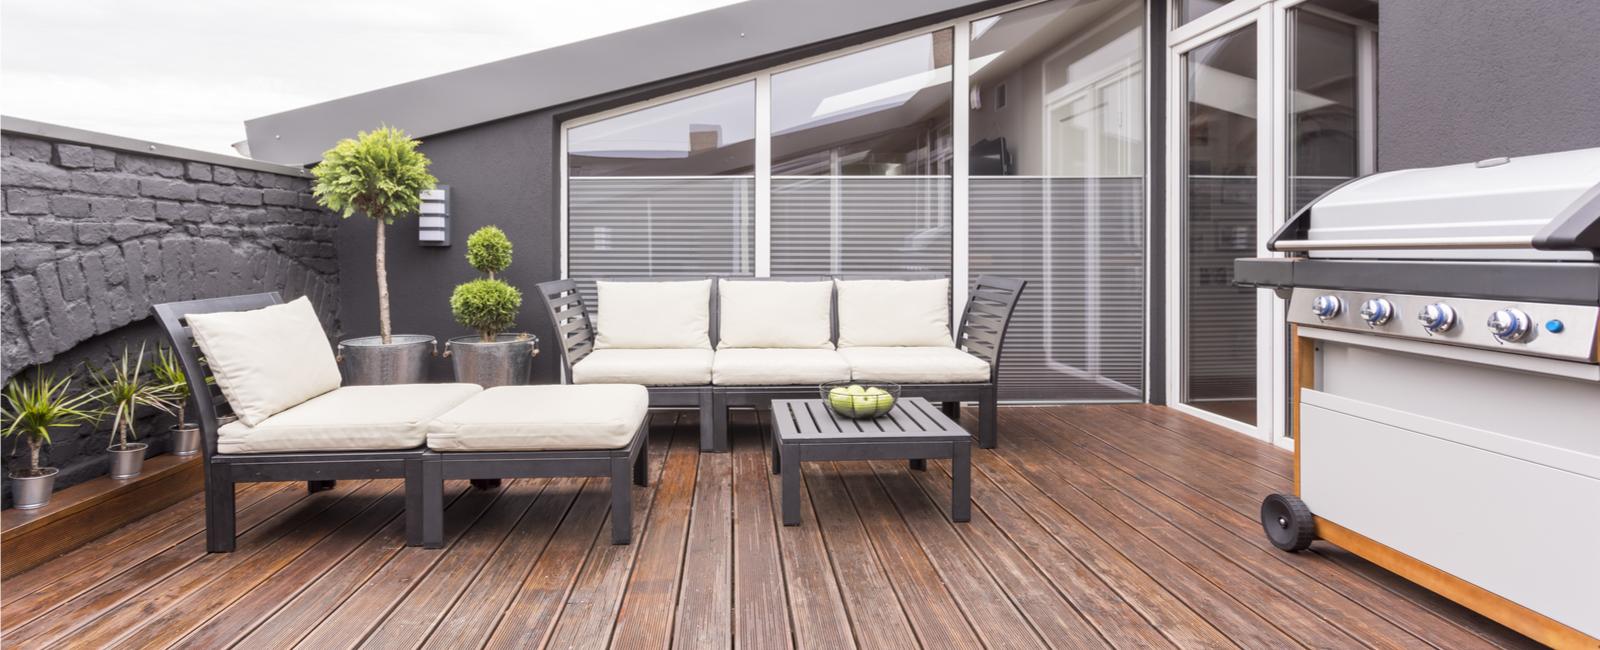 Creer Une Terrasse Tropezienne comment construire ou poser sa terrasse tropézienne ? prix